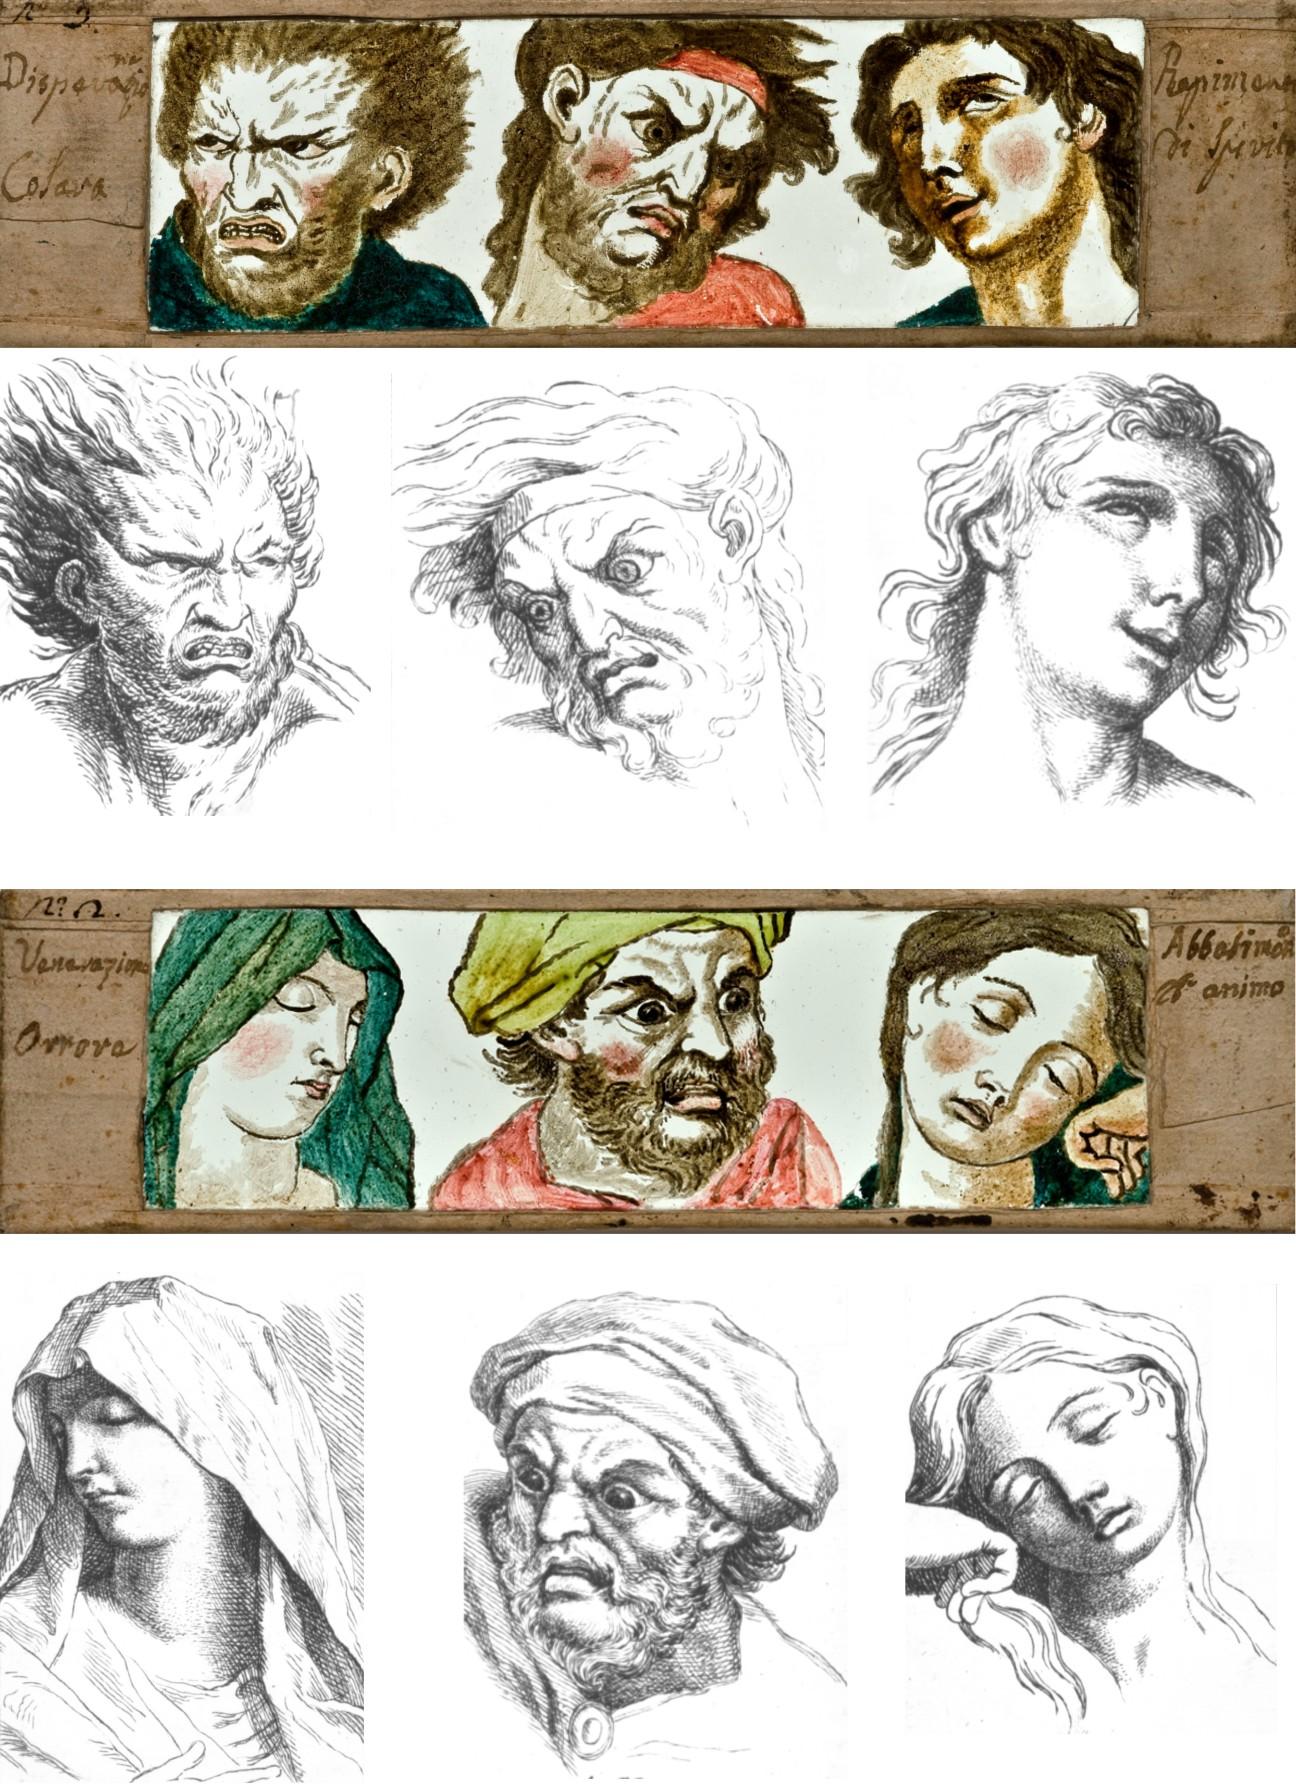 Vetri per lanterna magica dipinti a mano tratti dai disegni di Charles Le Brun. Italia, II metà XVIII sec. Collezione Museo Nazionale del Cinema